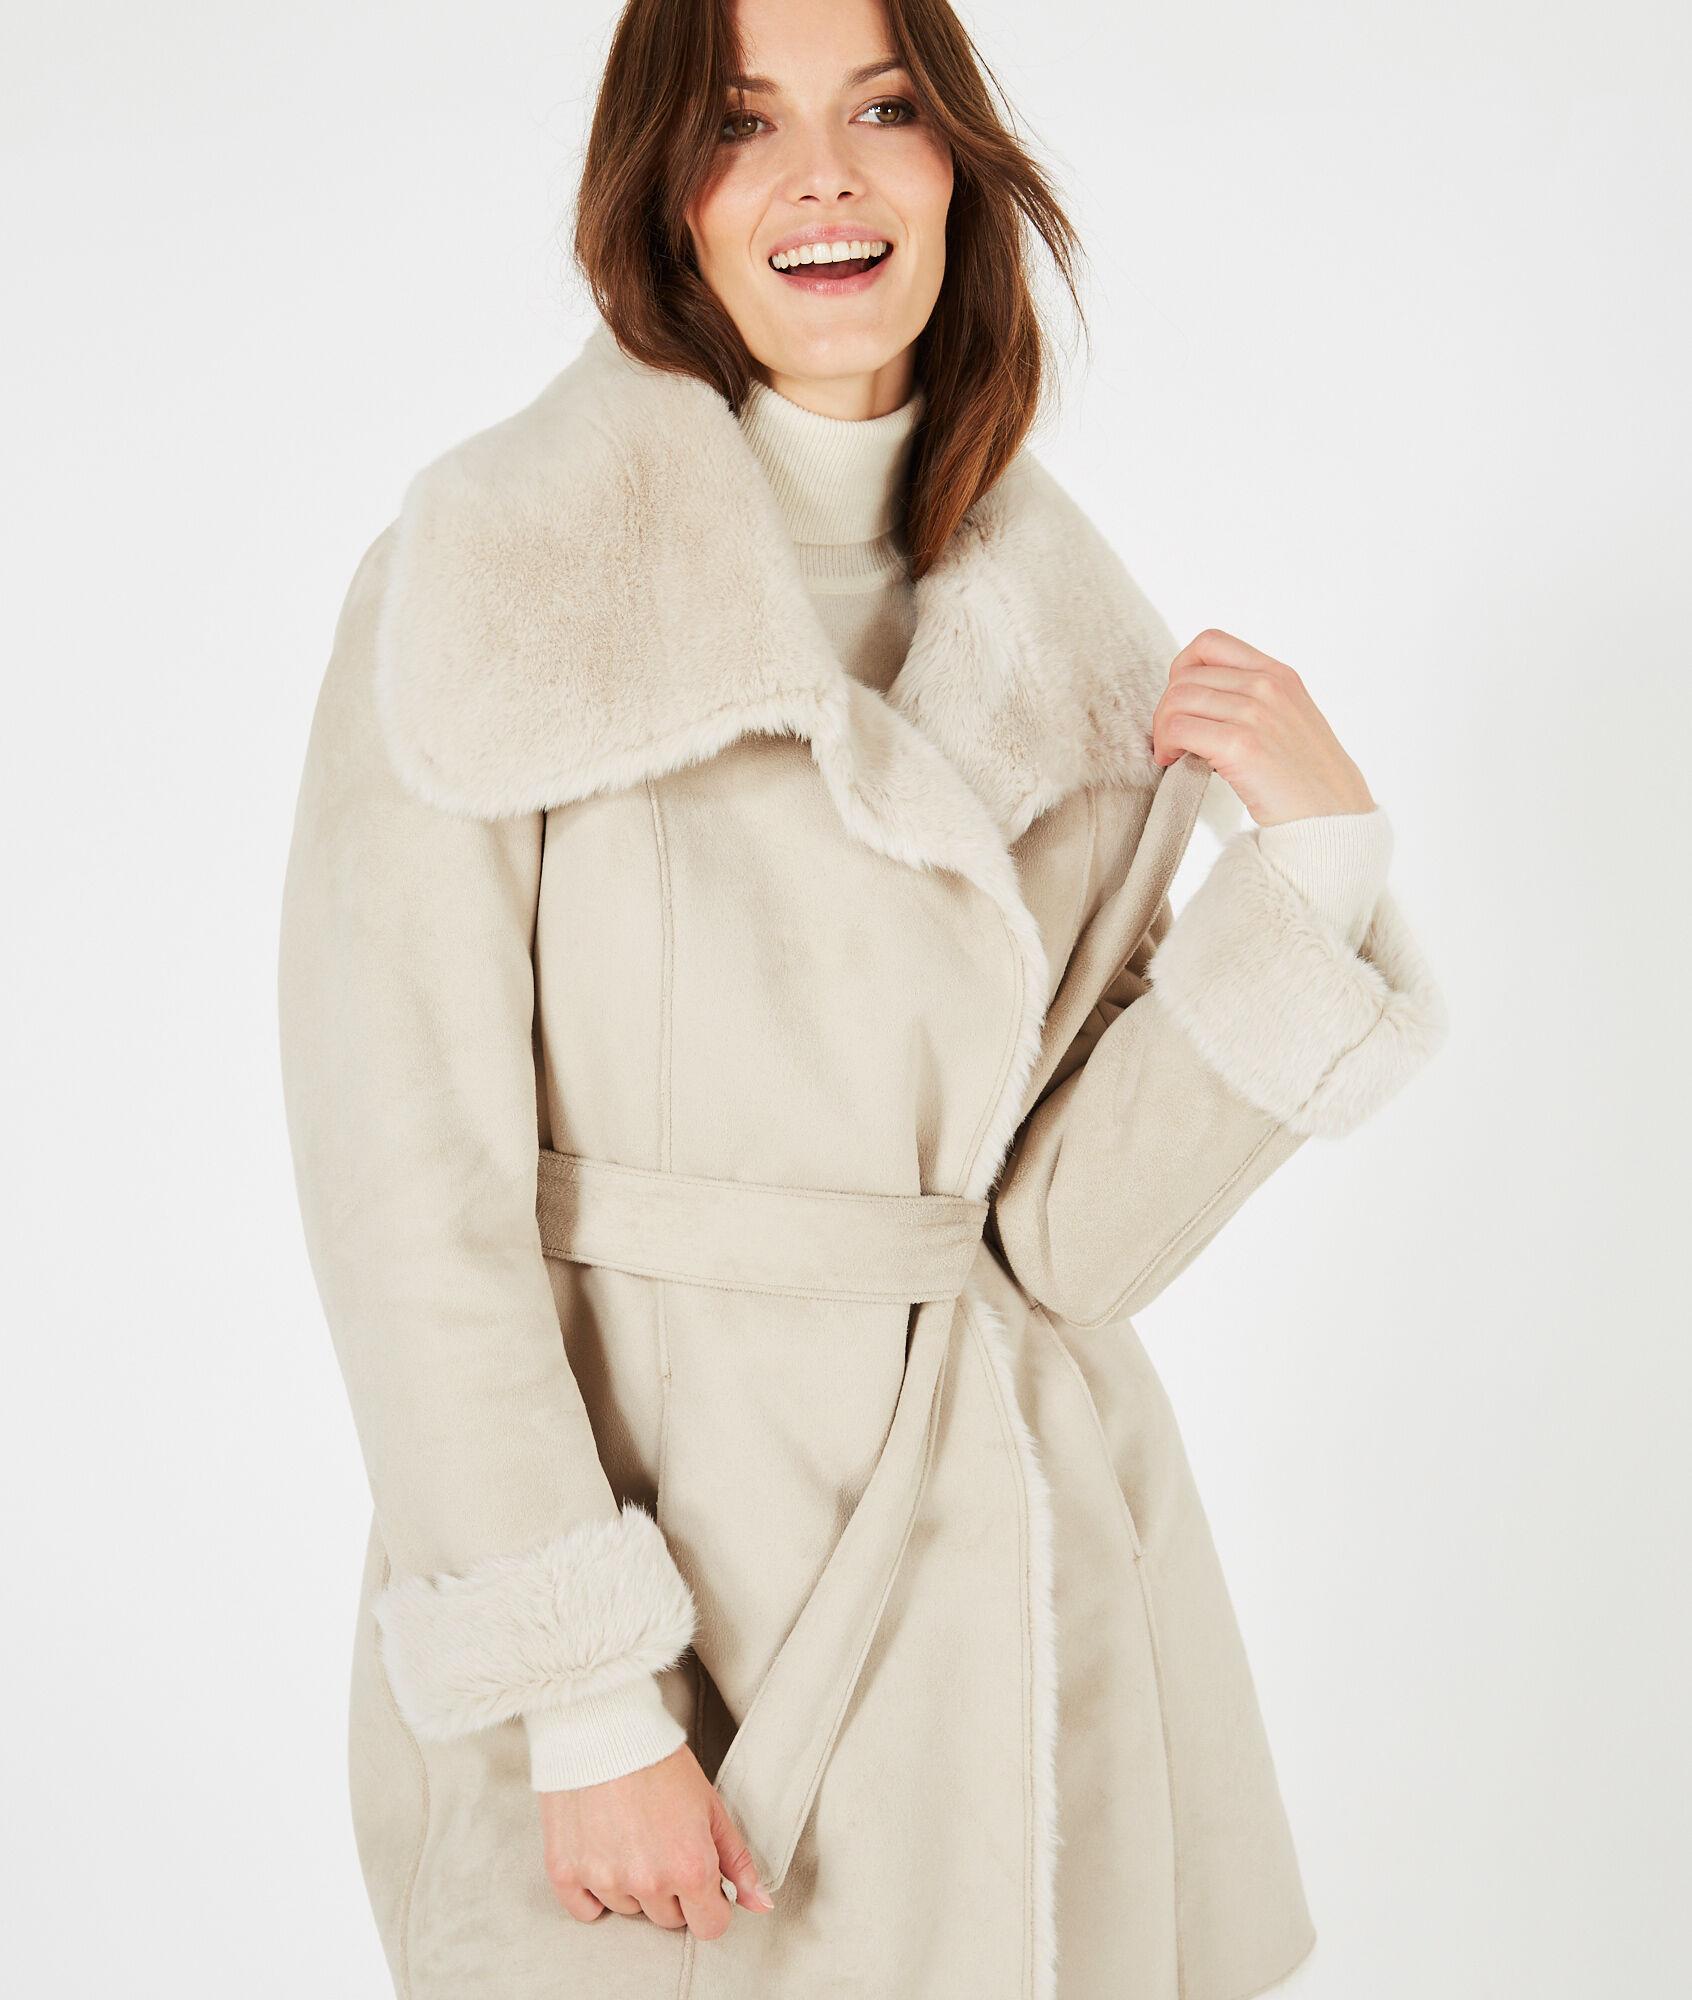 Mi Manteau 123 Peau Ficelle En Lina Long Lainée OwqFwTv5